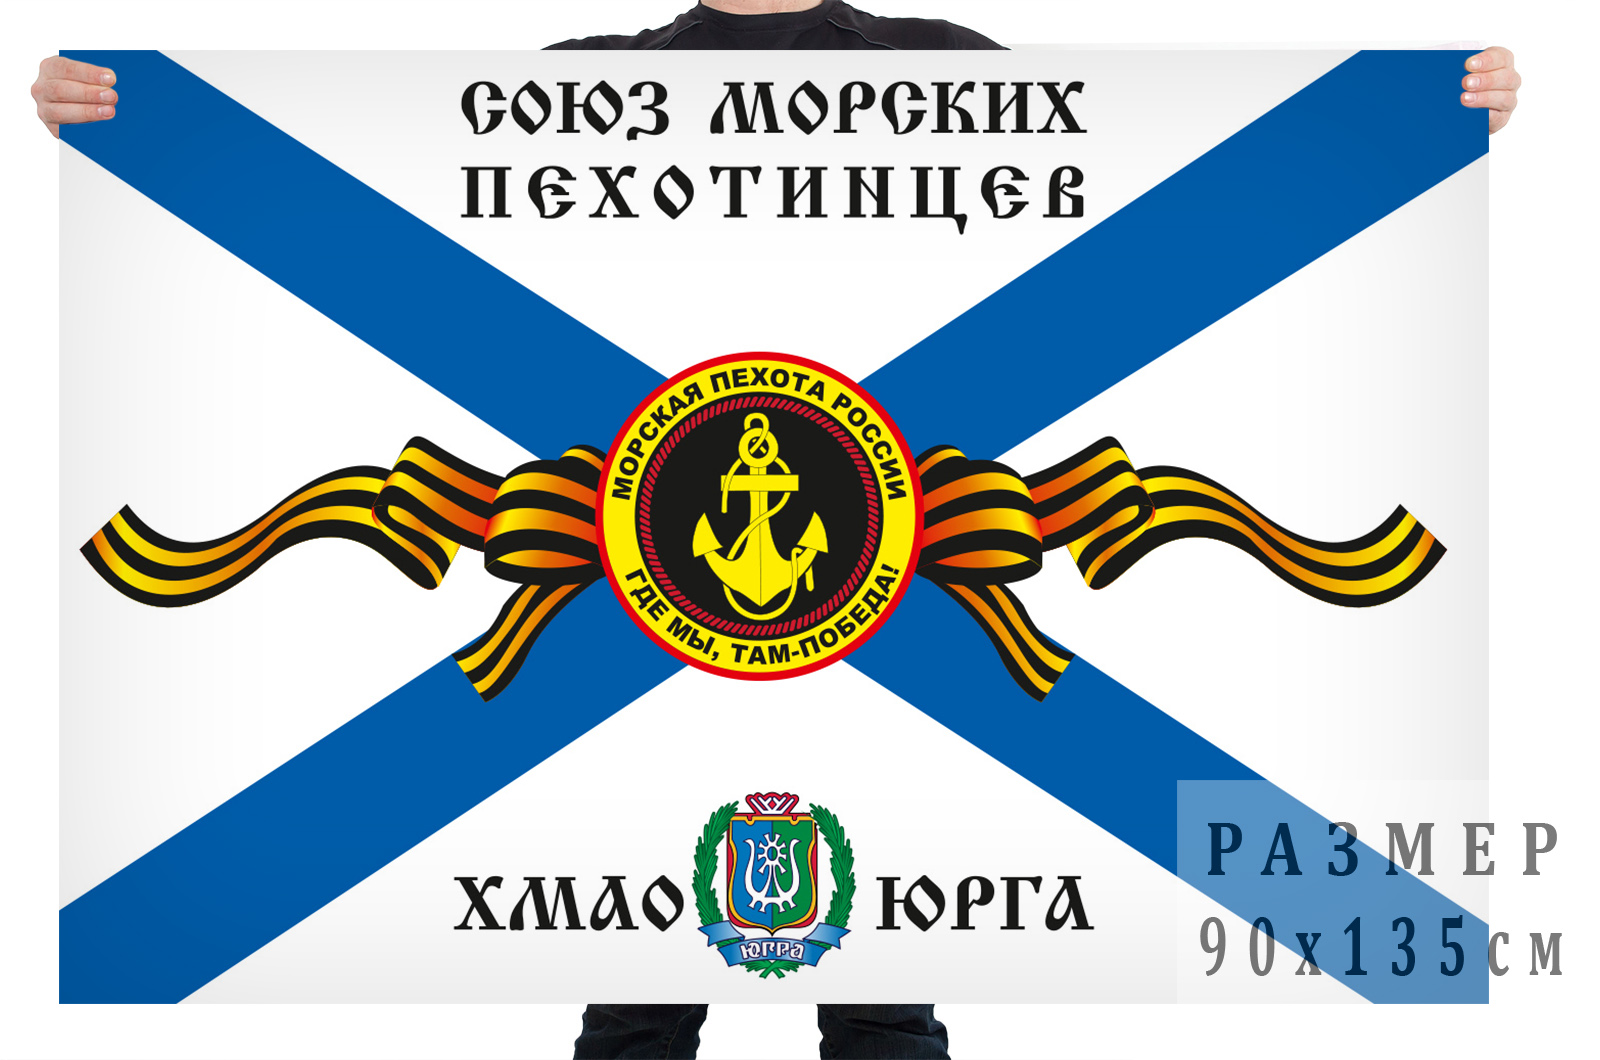 Флаг «Союз морских пехотинцев ХМАО-Югра»